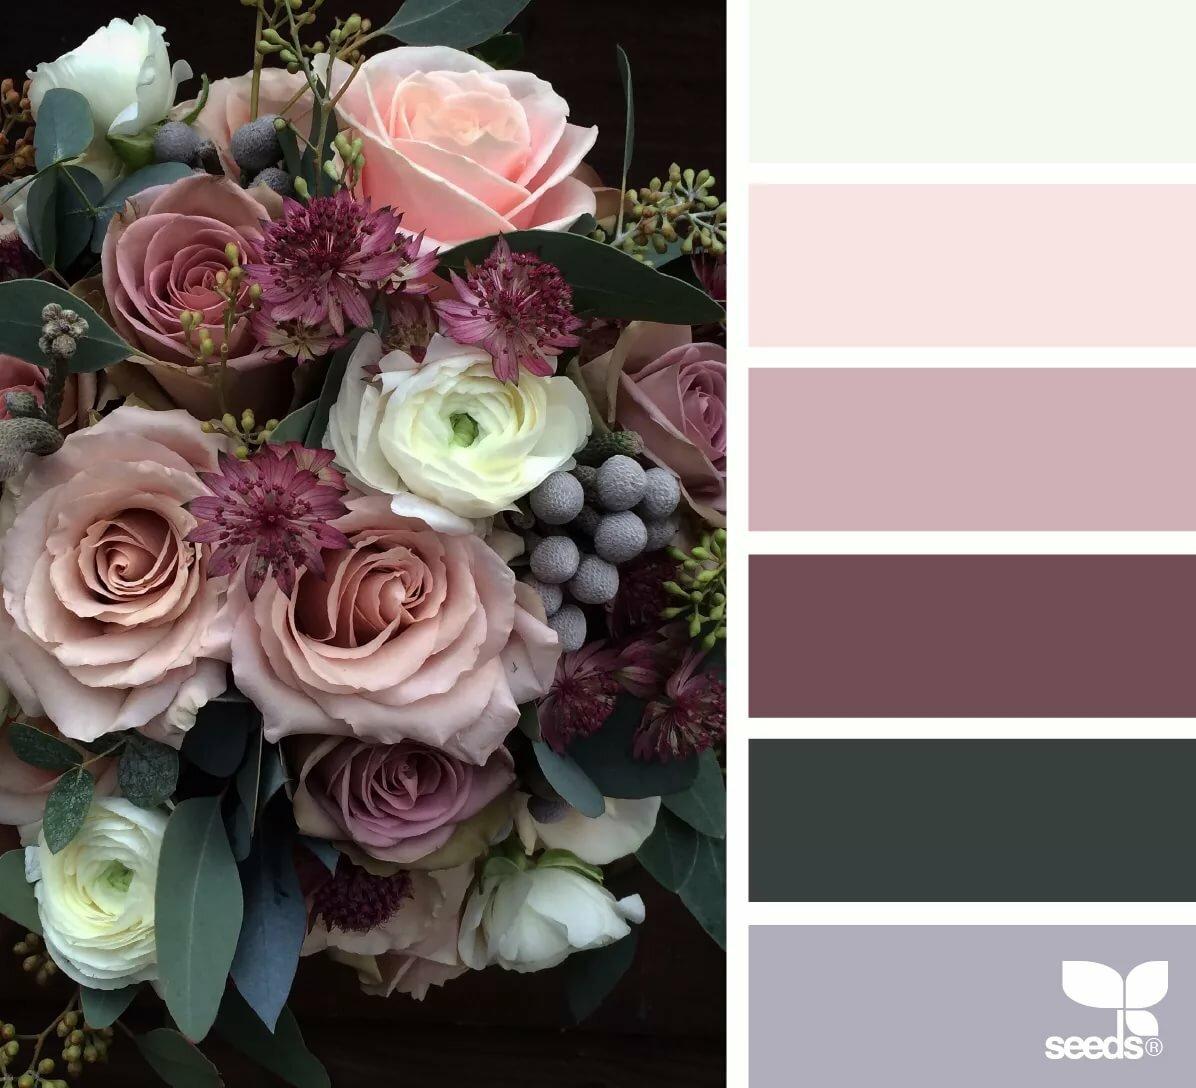 картинки подборка в одной цветовой гамме невеста исполнили